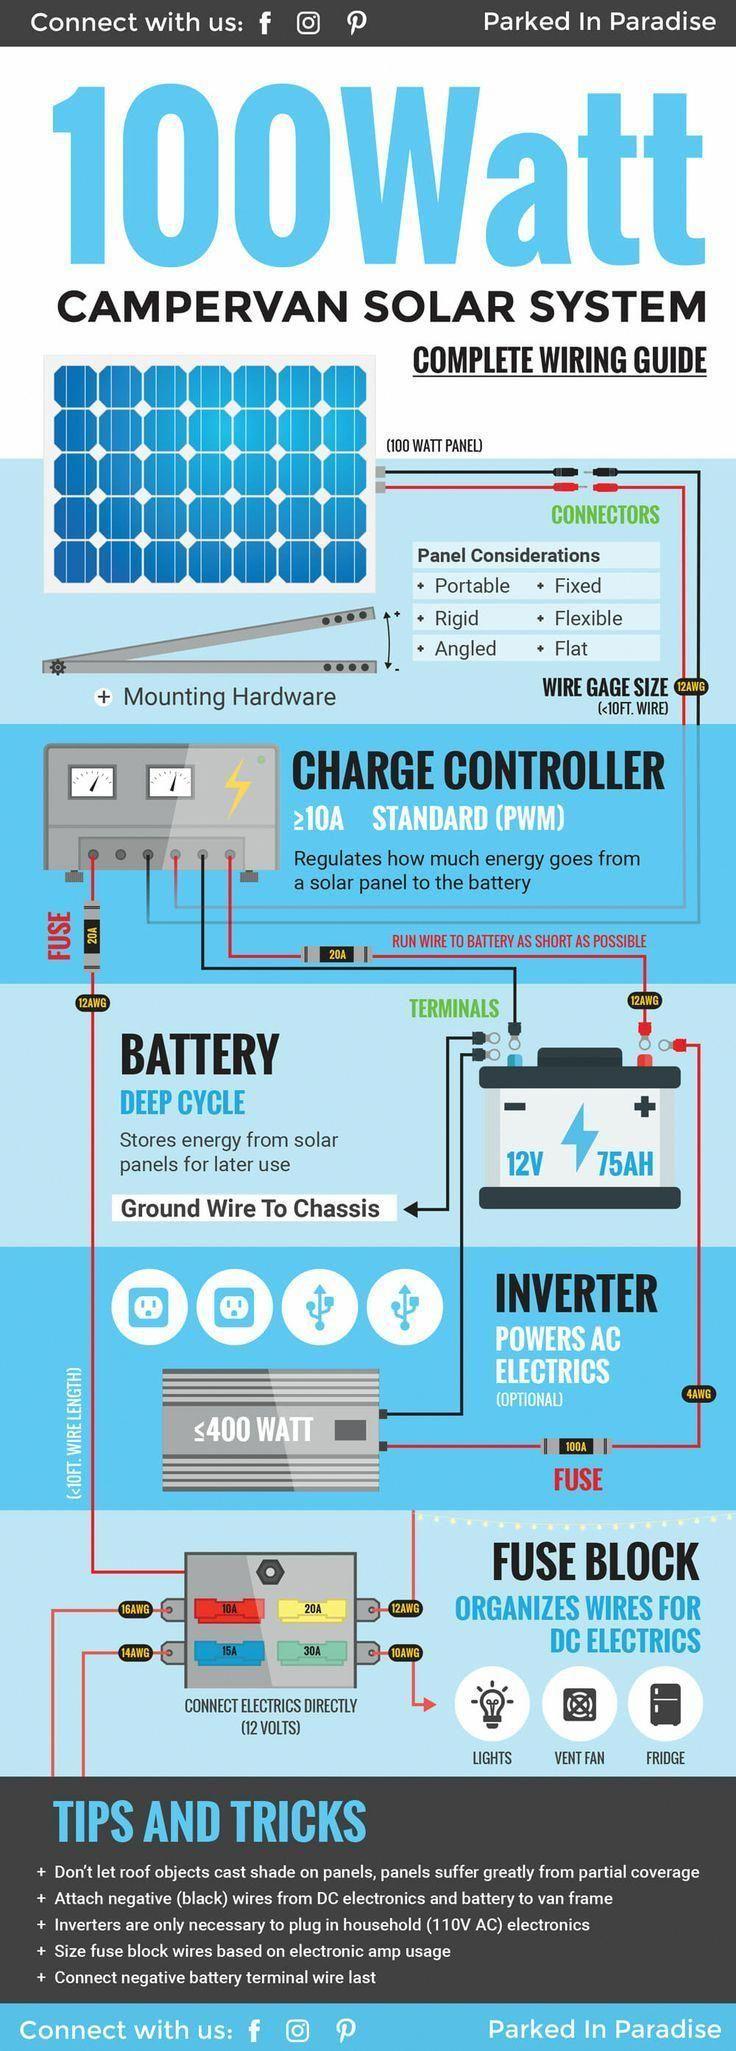 Solar Calculator and DIY Wiring Diagrams in 2020 Solar